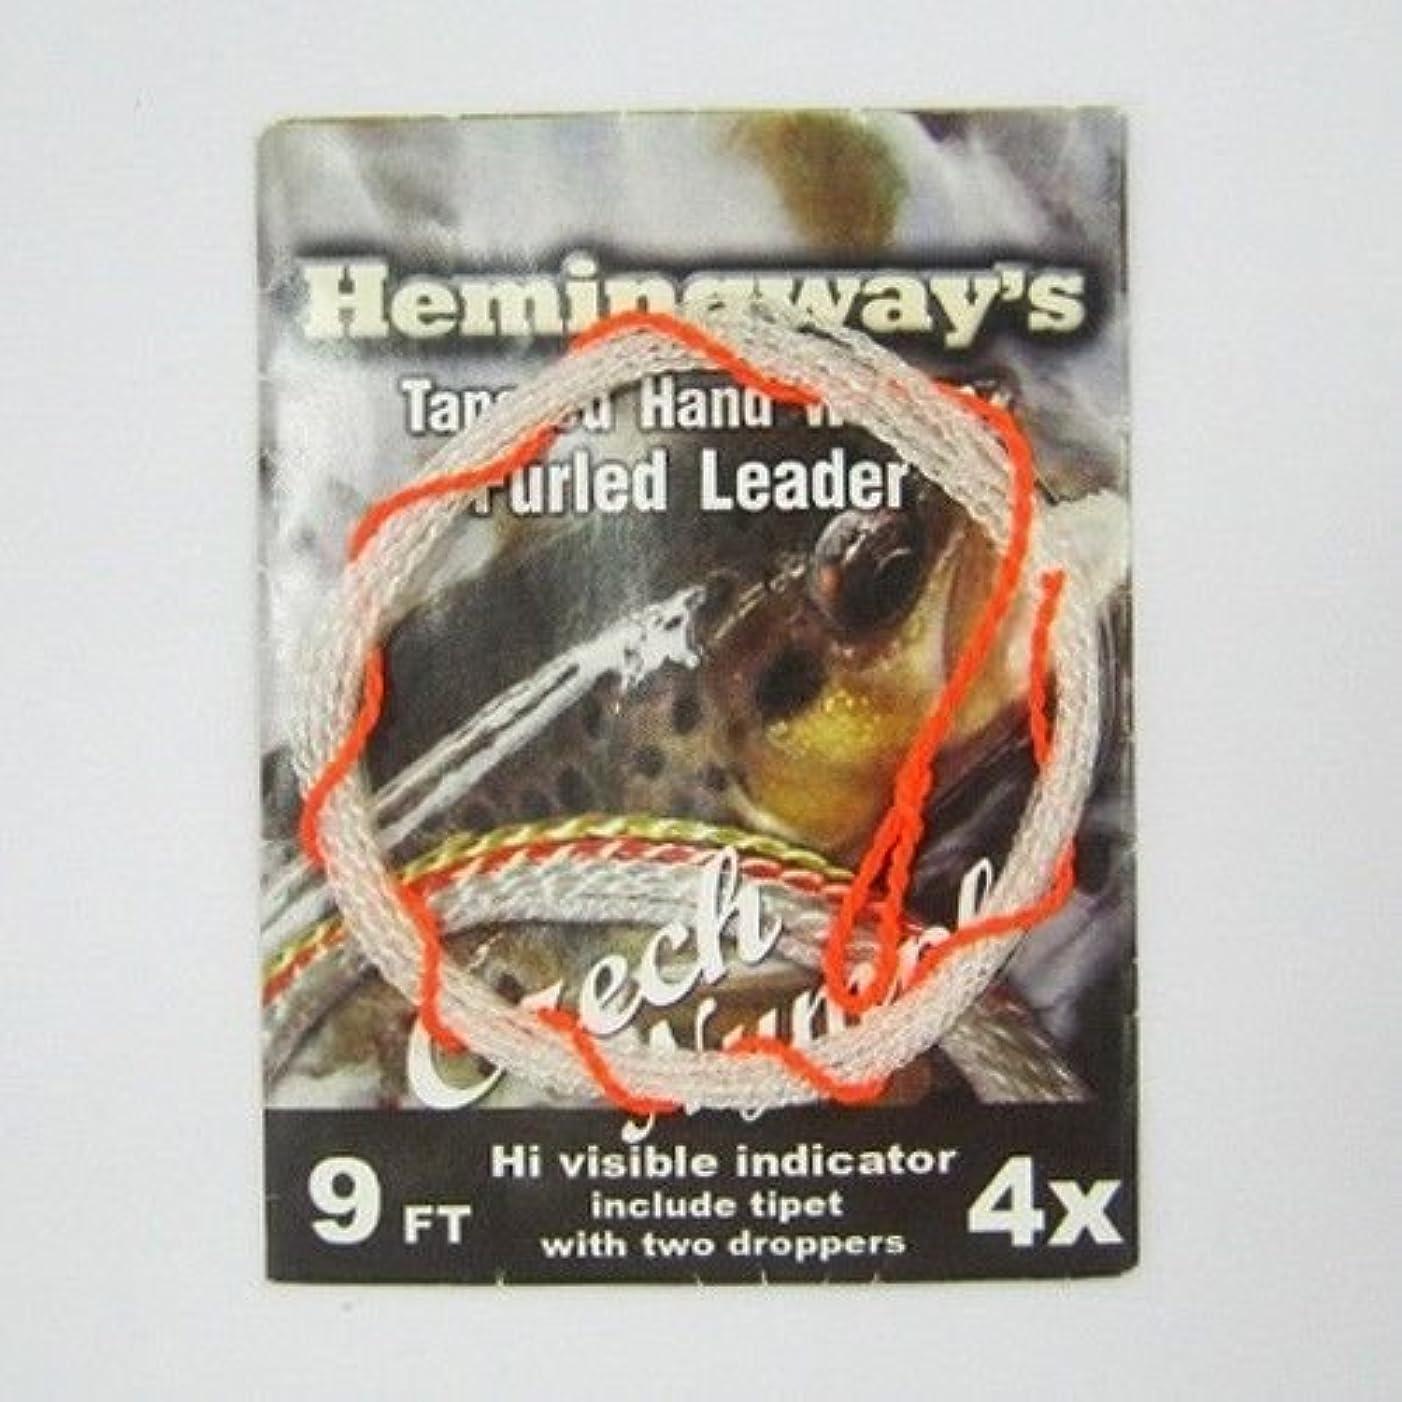 原理勉強する定期的Aventik Hemingway 先細り手織り巻き リーダー チェコニンフ 9FT 4X